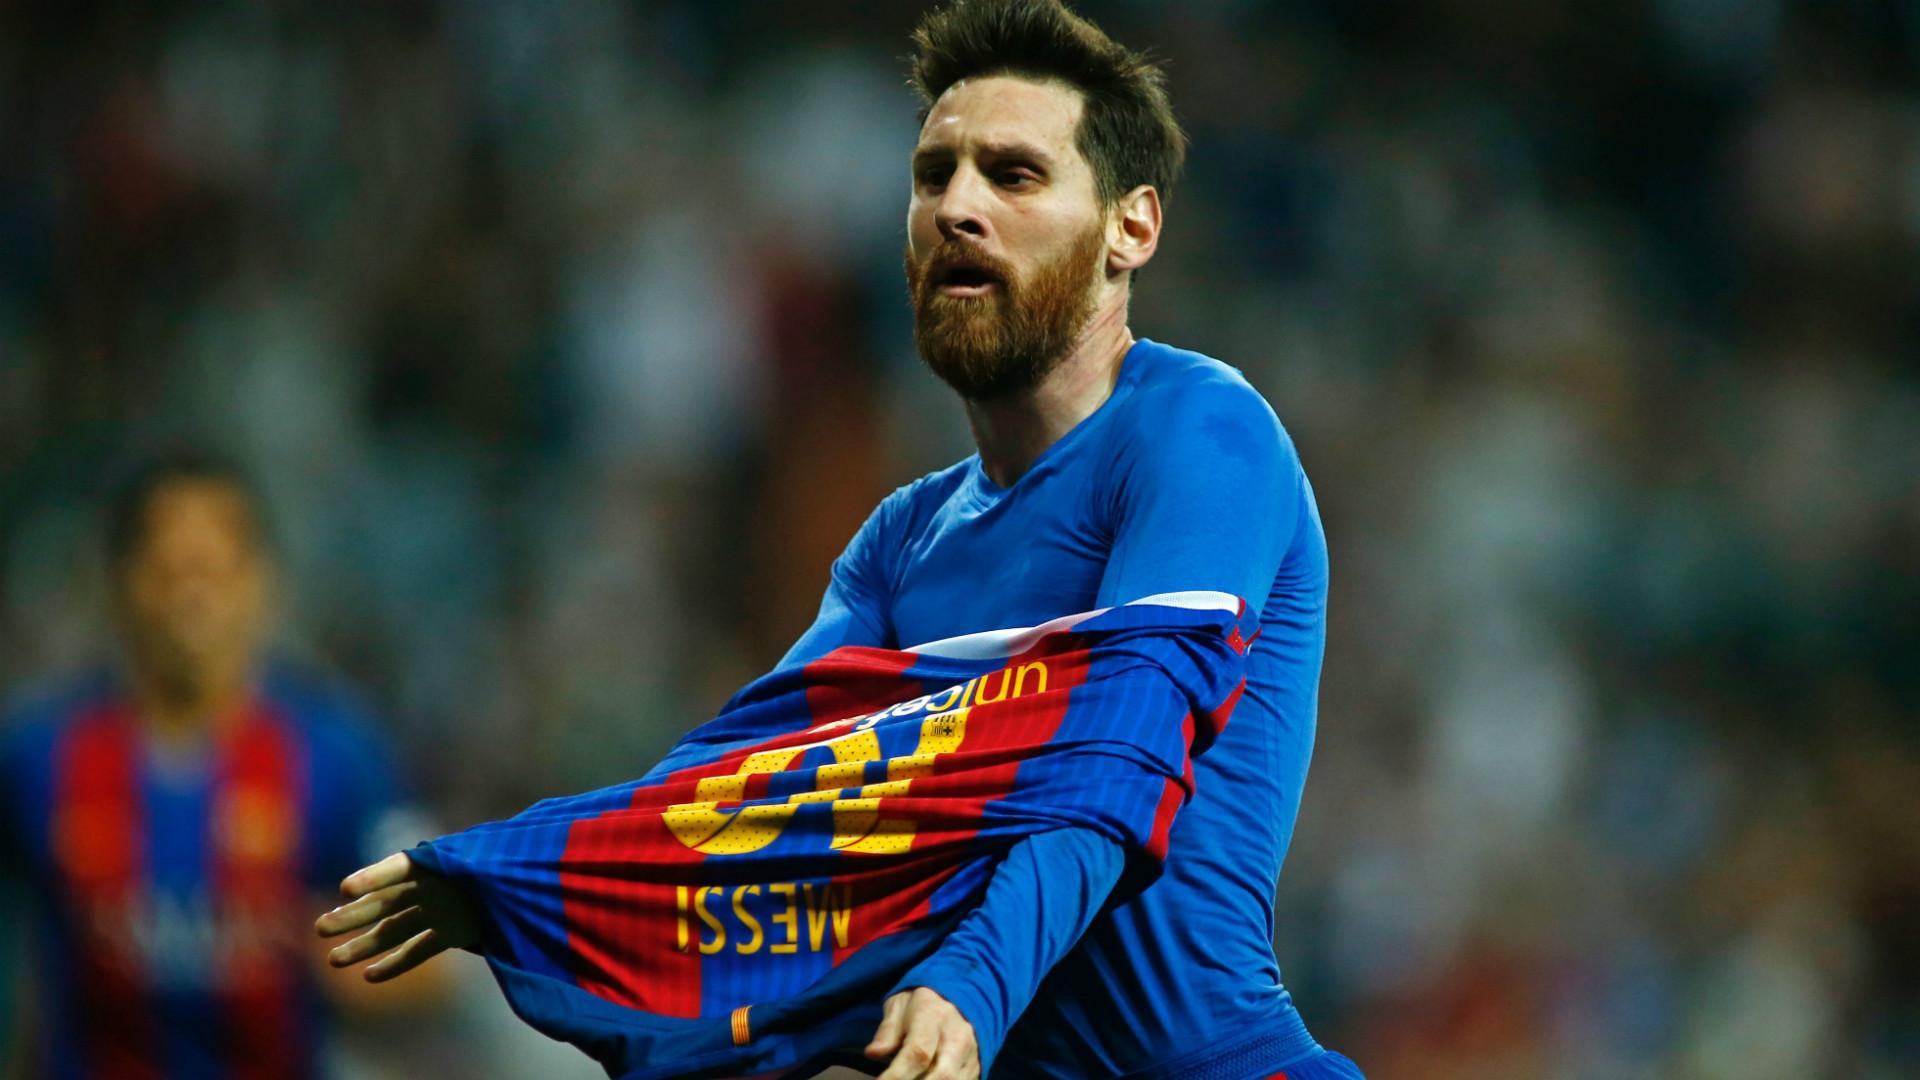 Inmessionante: El emotivo regalo del Barcelona a Messi por los 500 goles